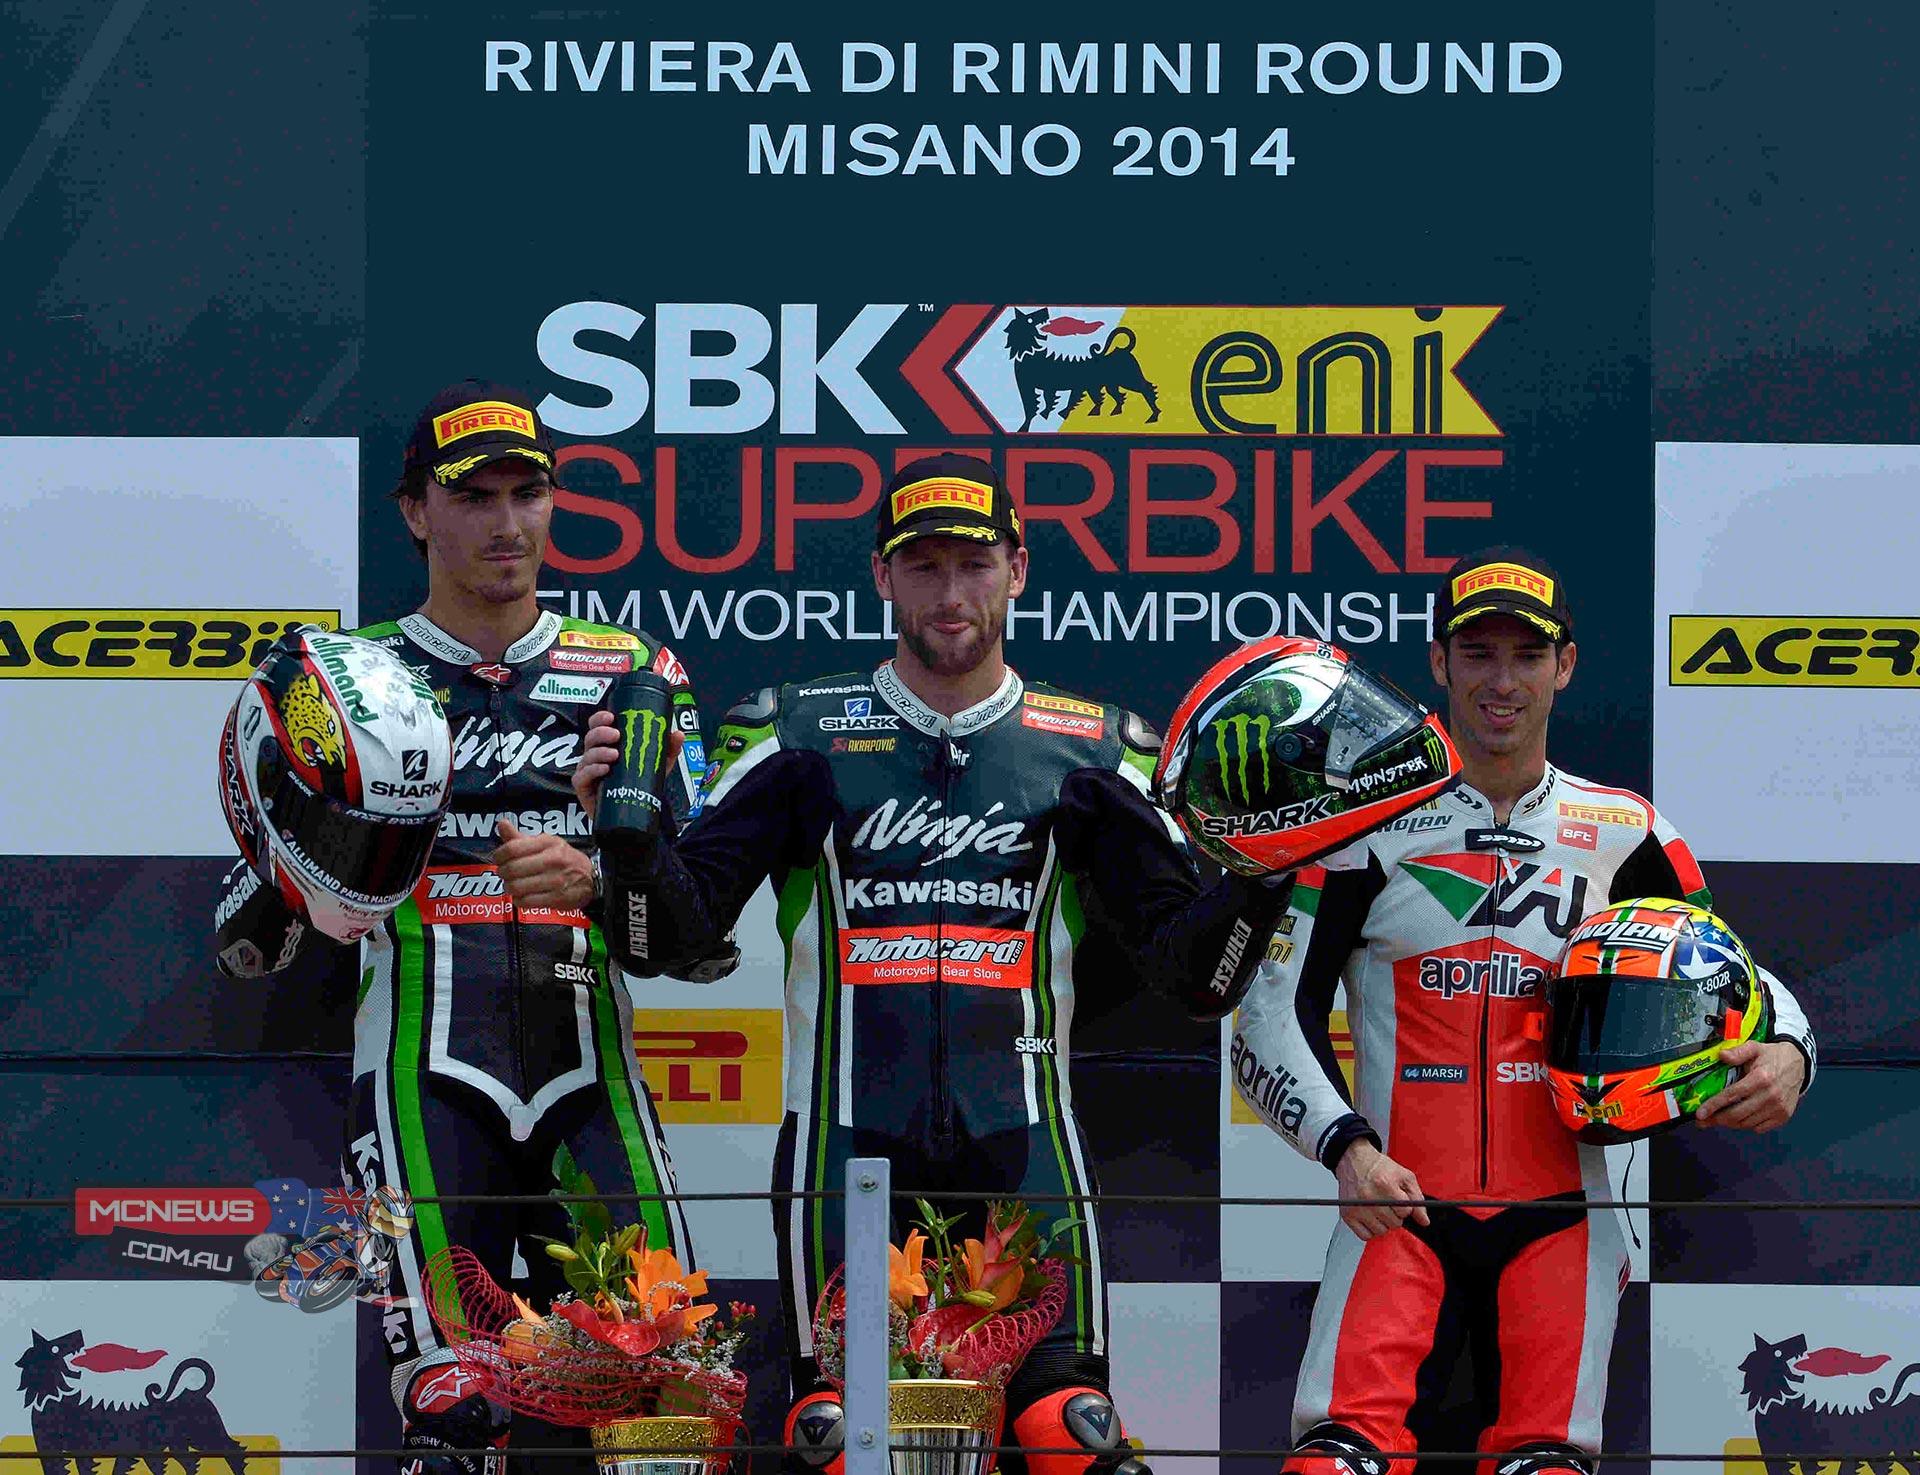 Misano World Superbike 2014 - Race Two Podium